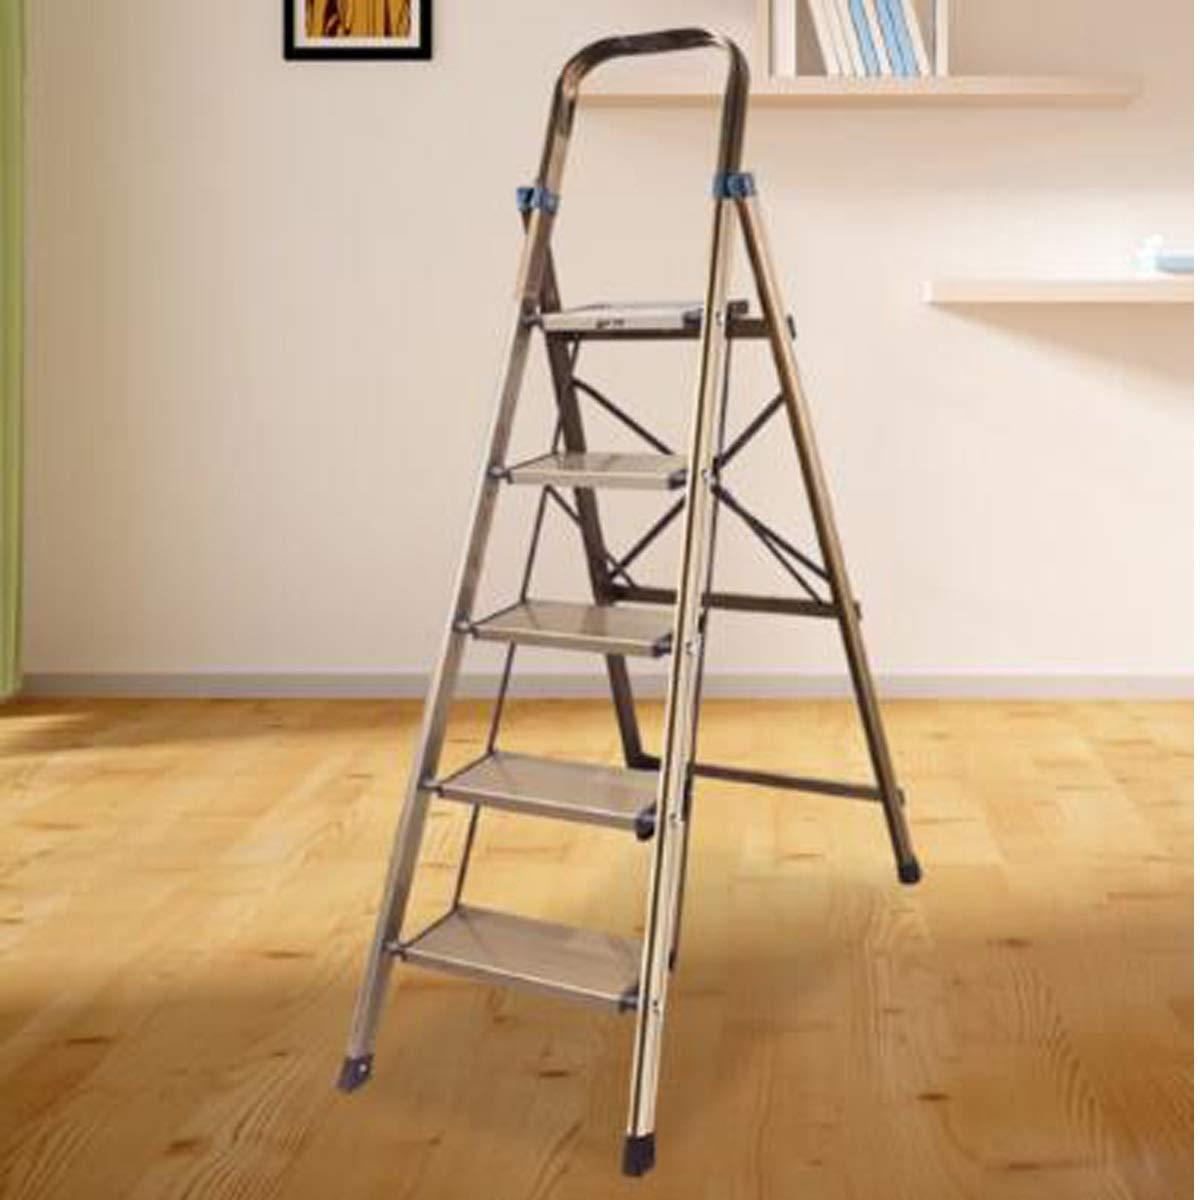 Nuoyun Escalera Plegable, Escalera doméstica de Cinco Pasos, Escalera Plegable Gruesa, Escalera de ingeniería de un Solo Lado, Escalera telescópica, Escalera de Acero, Escalera de Aluminio: Amazon.es: Hogar